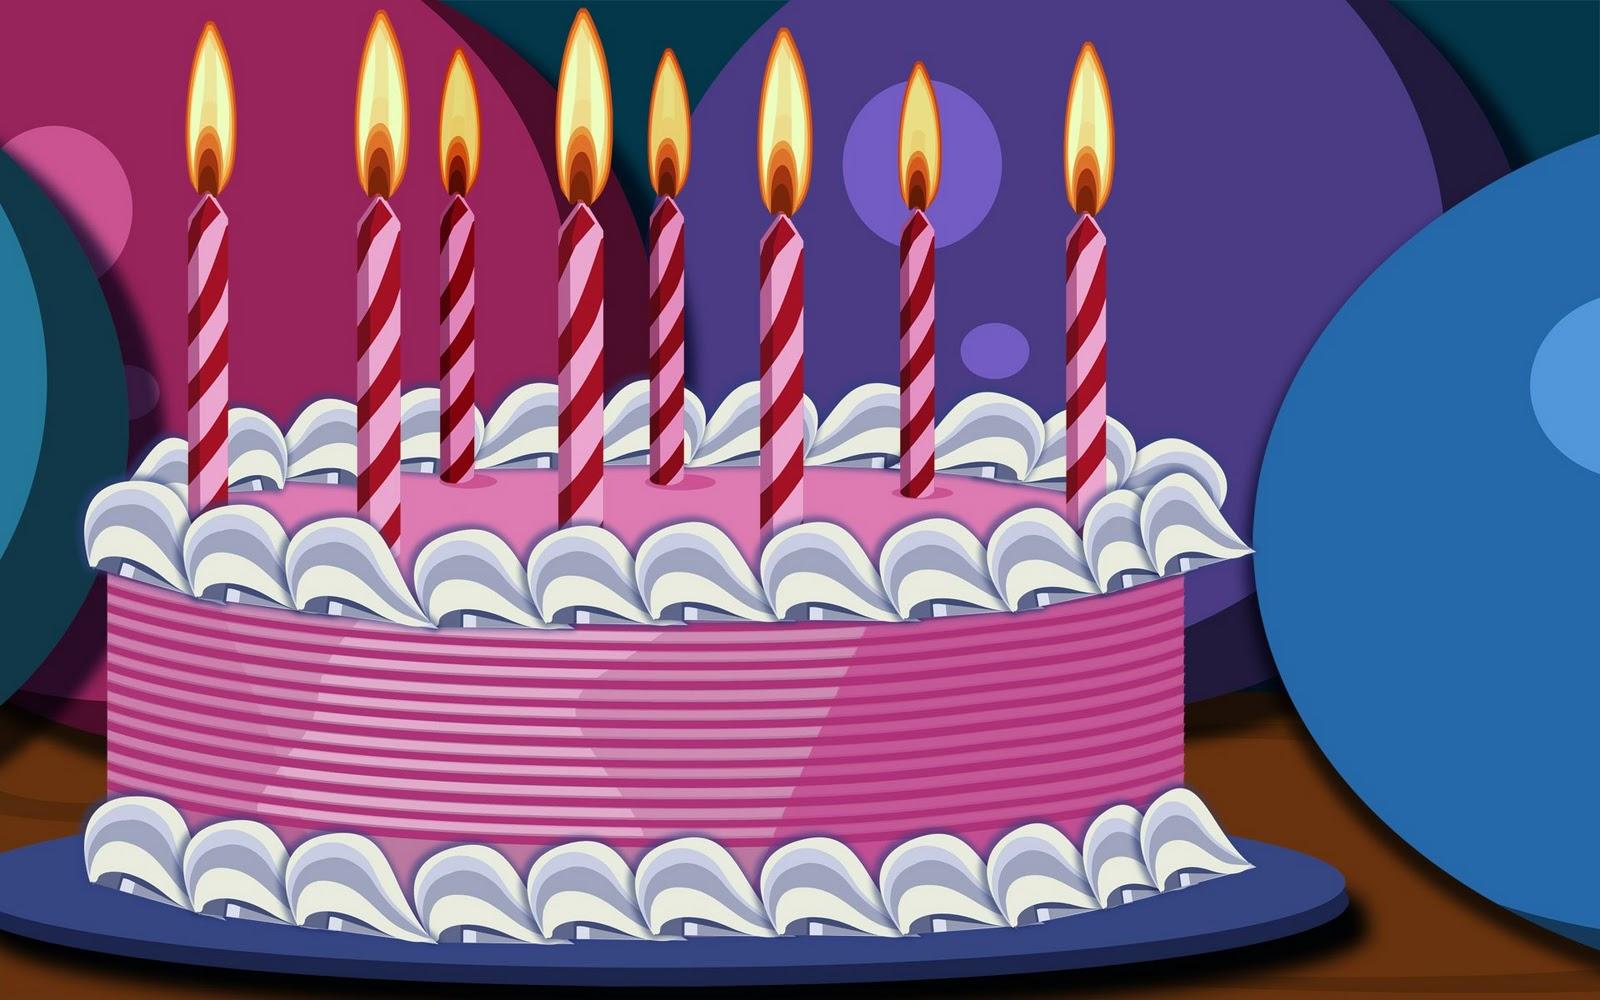 Cake Images Veer : Verjaardags Achtergronden HD Wallpapers